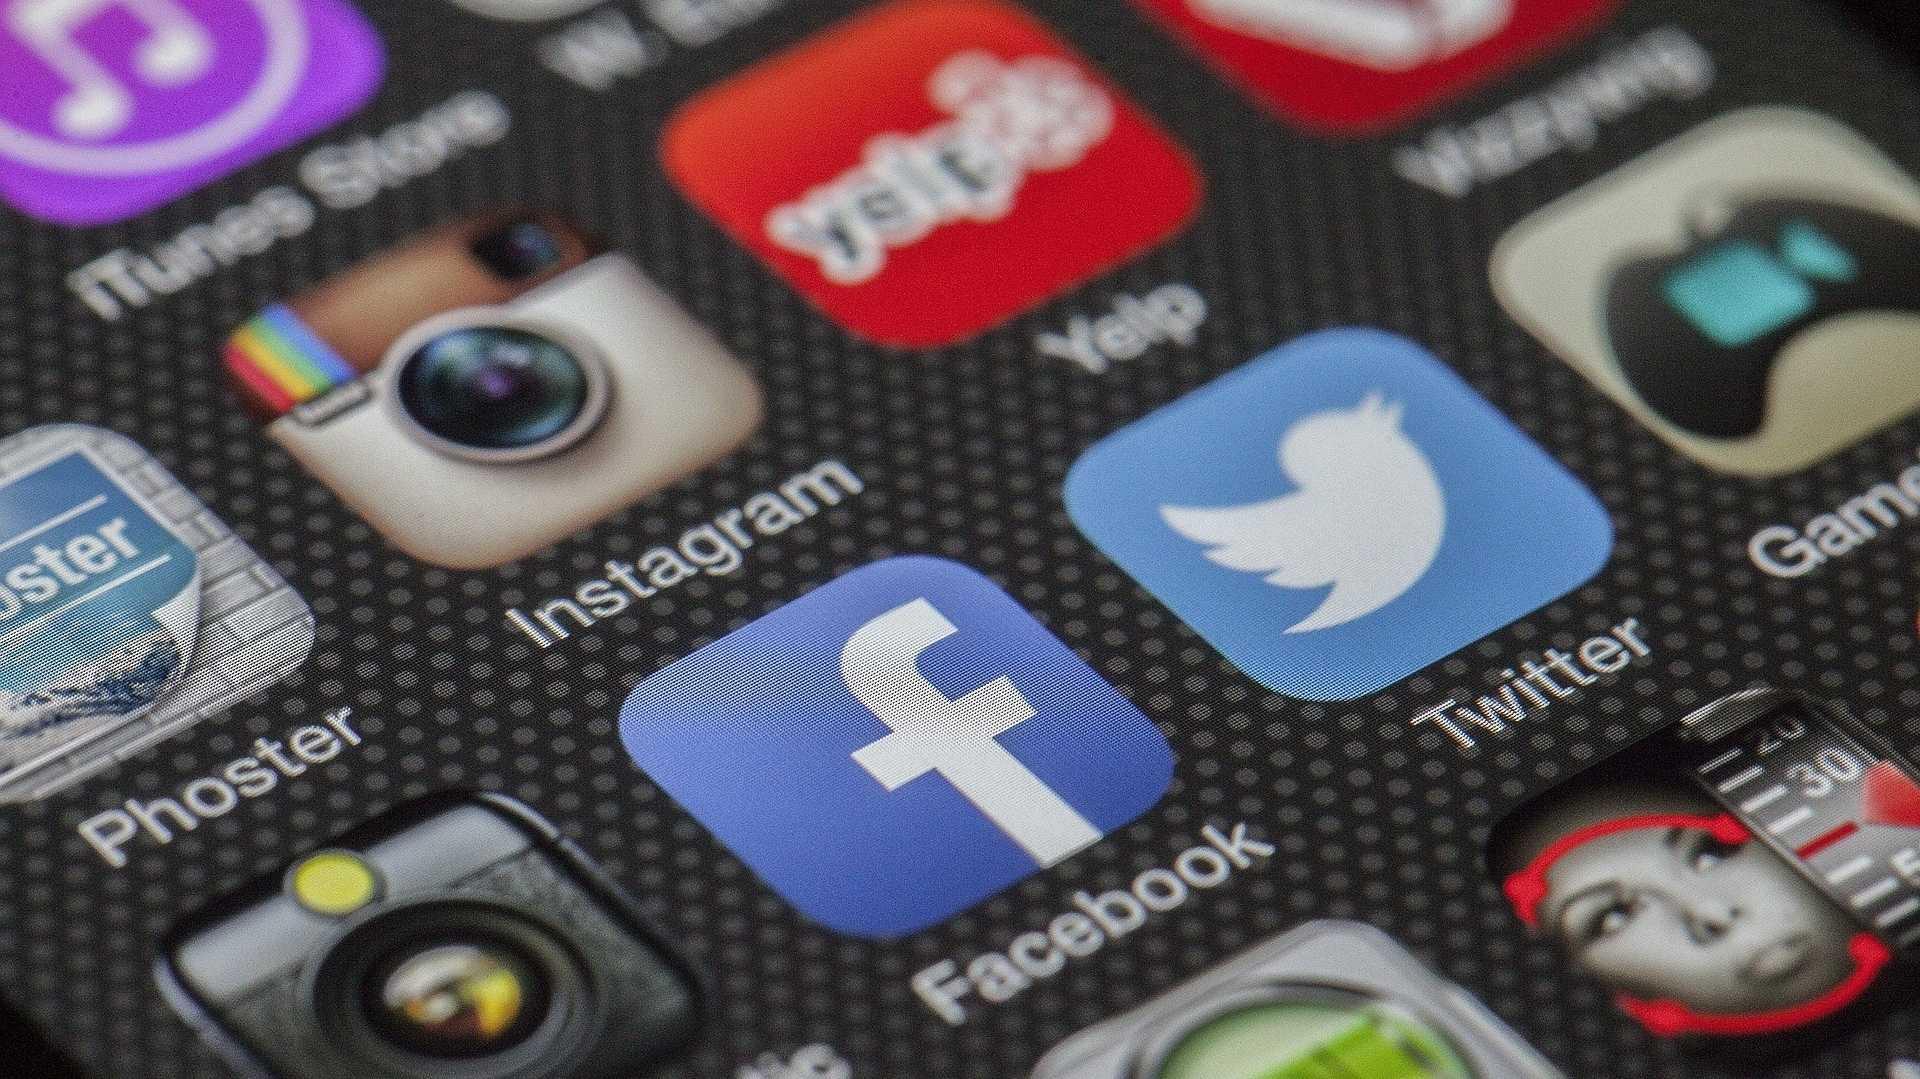 Mein digitaler Wille geschehe: Tipps zum Regeln des digitalen Daten-Nachlasses